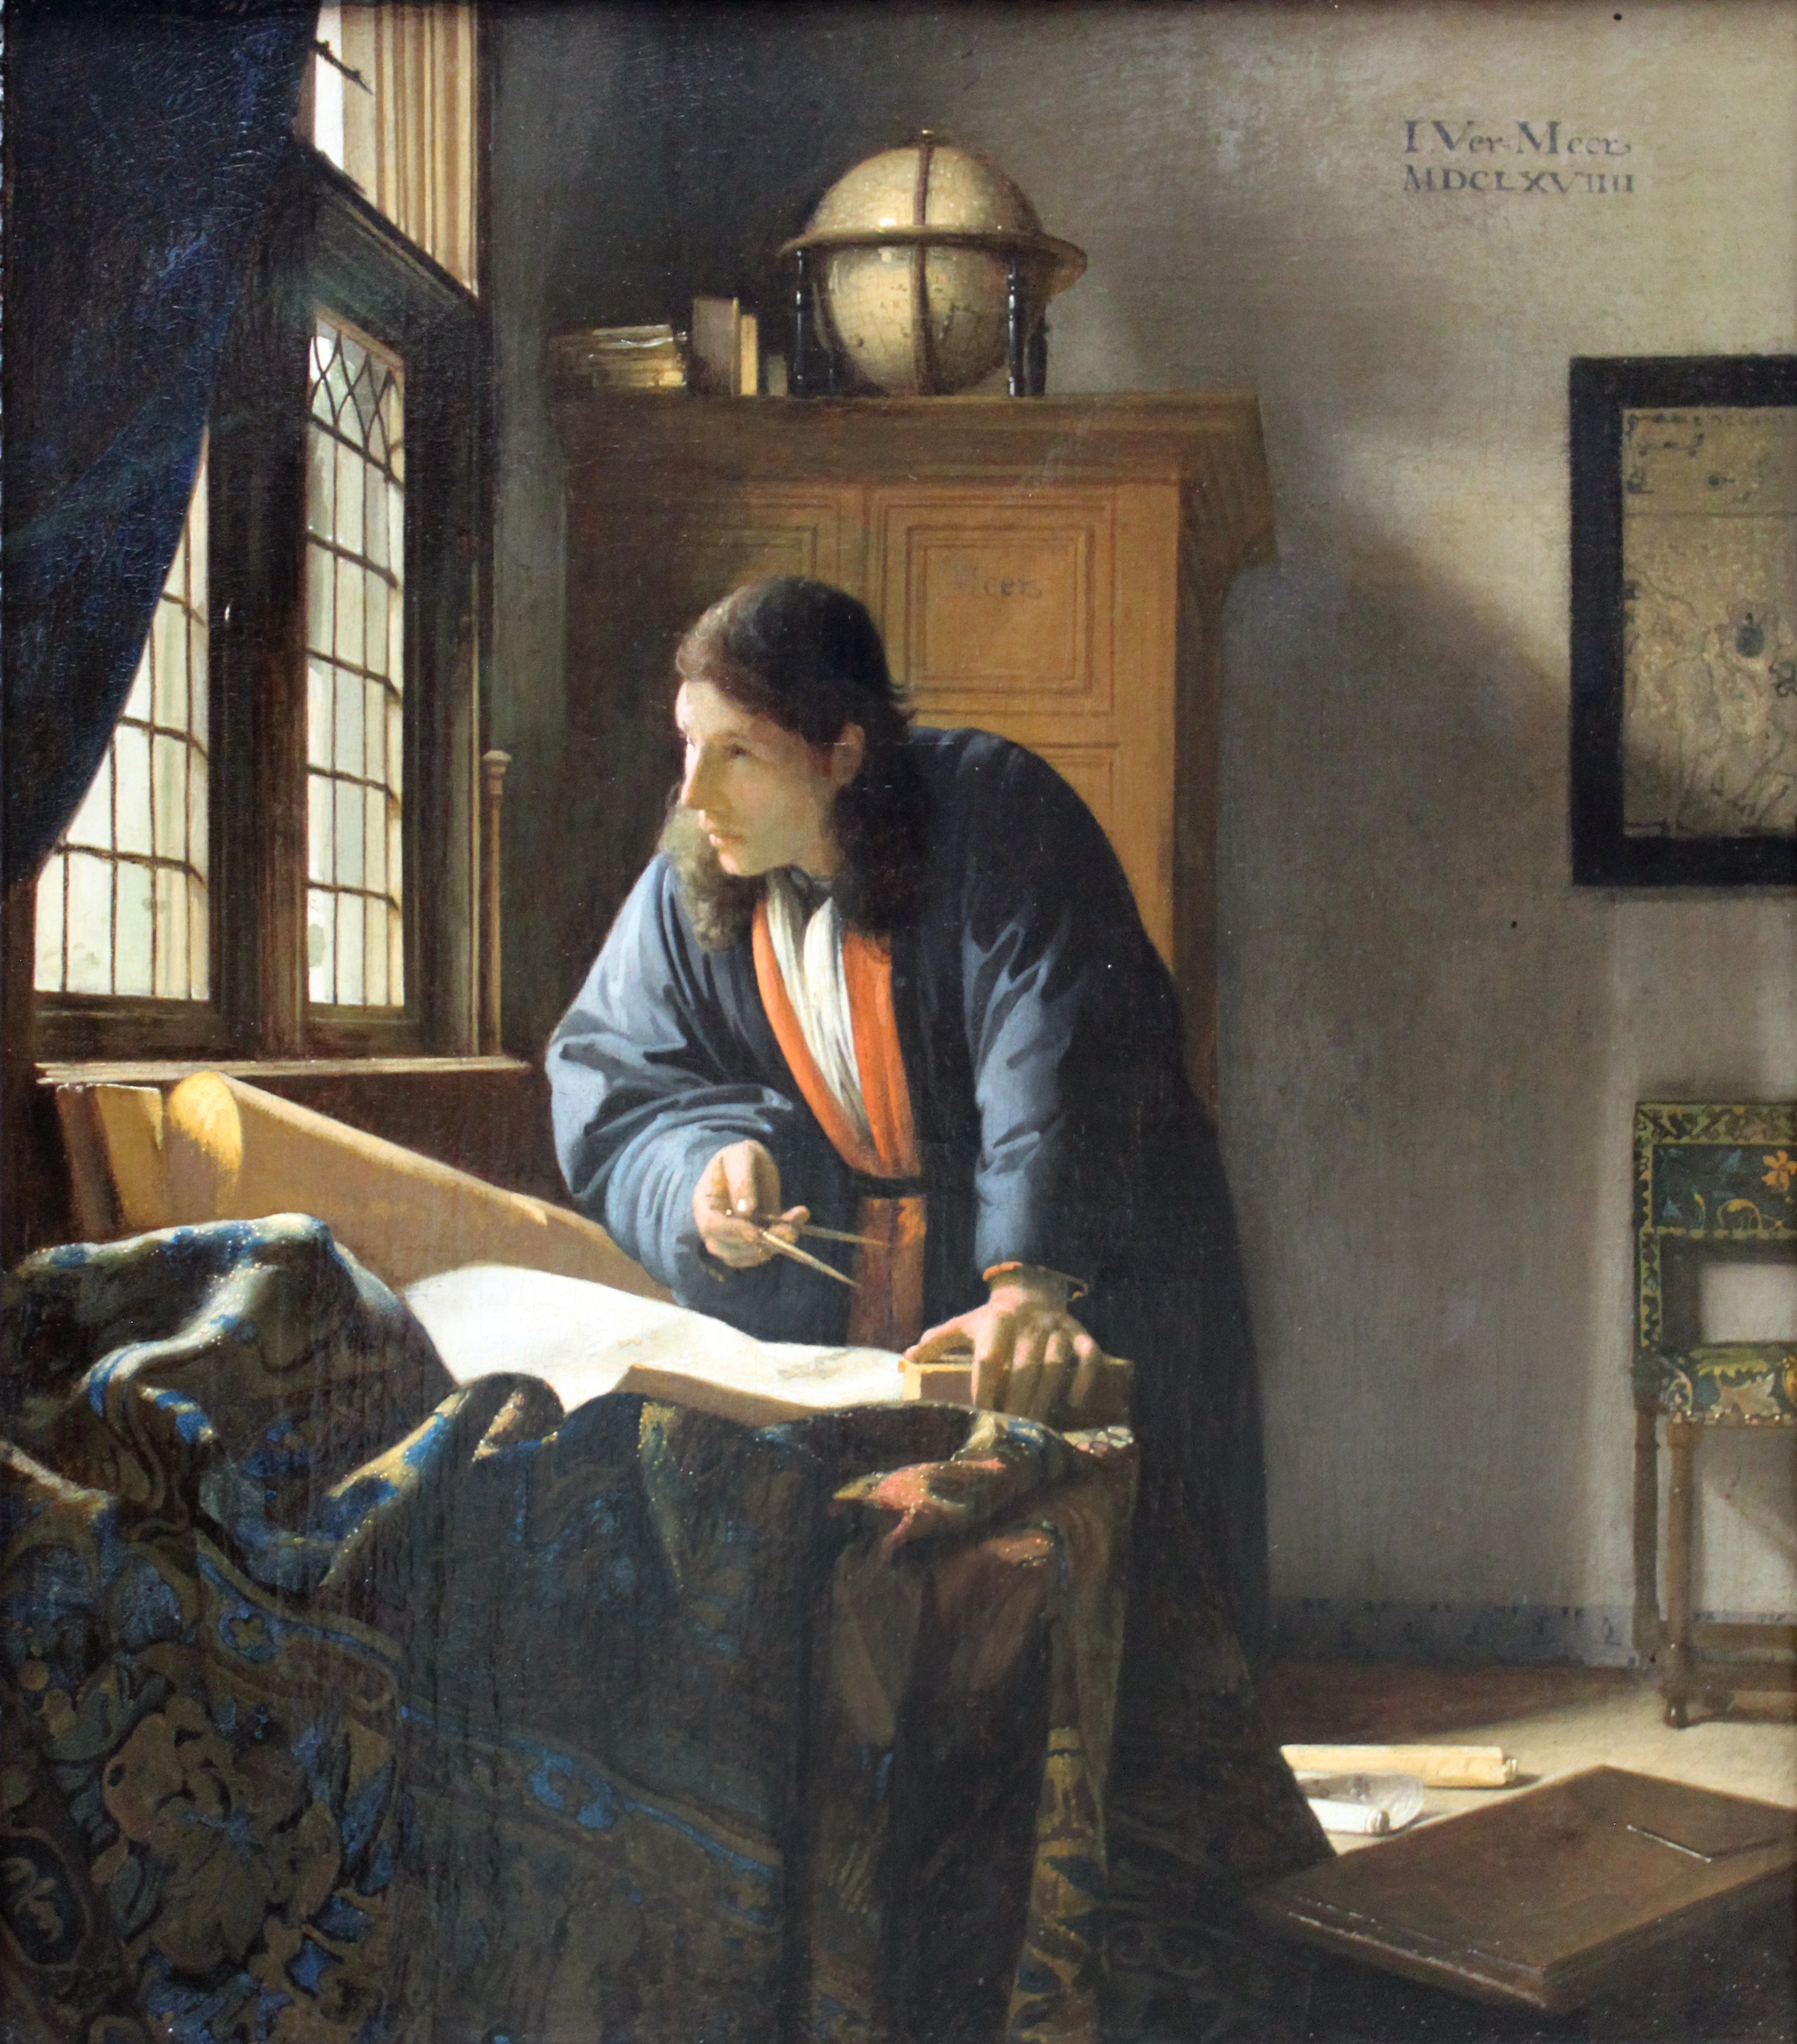 File:1669 Vermeer De geograaf anagoria.JPG